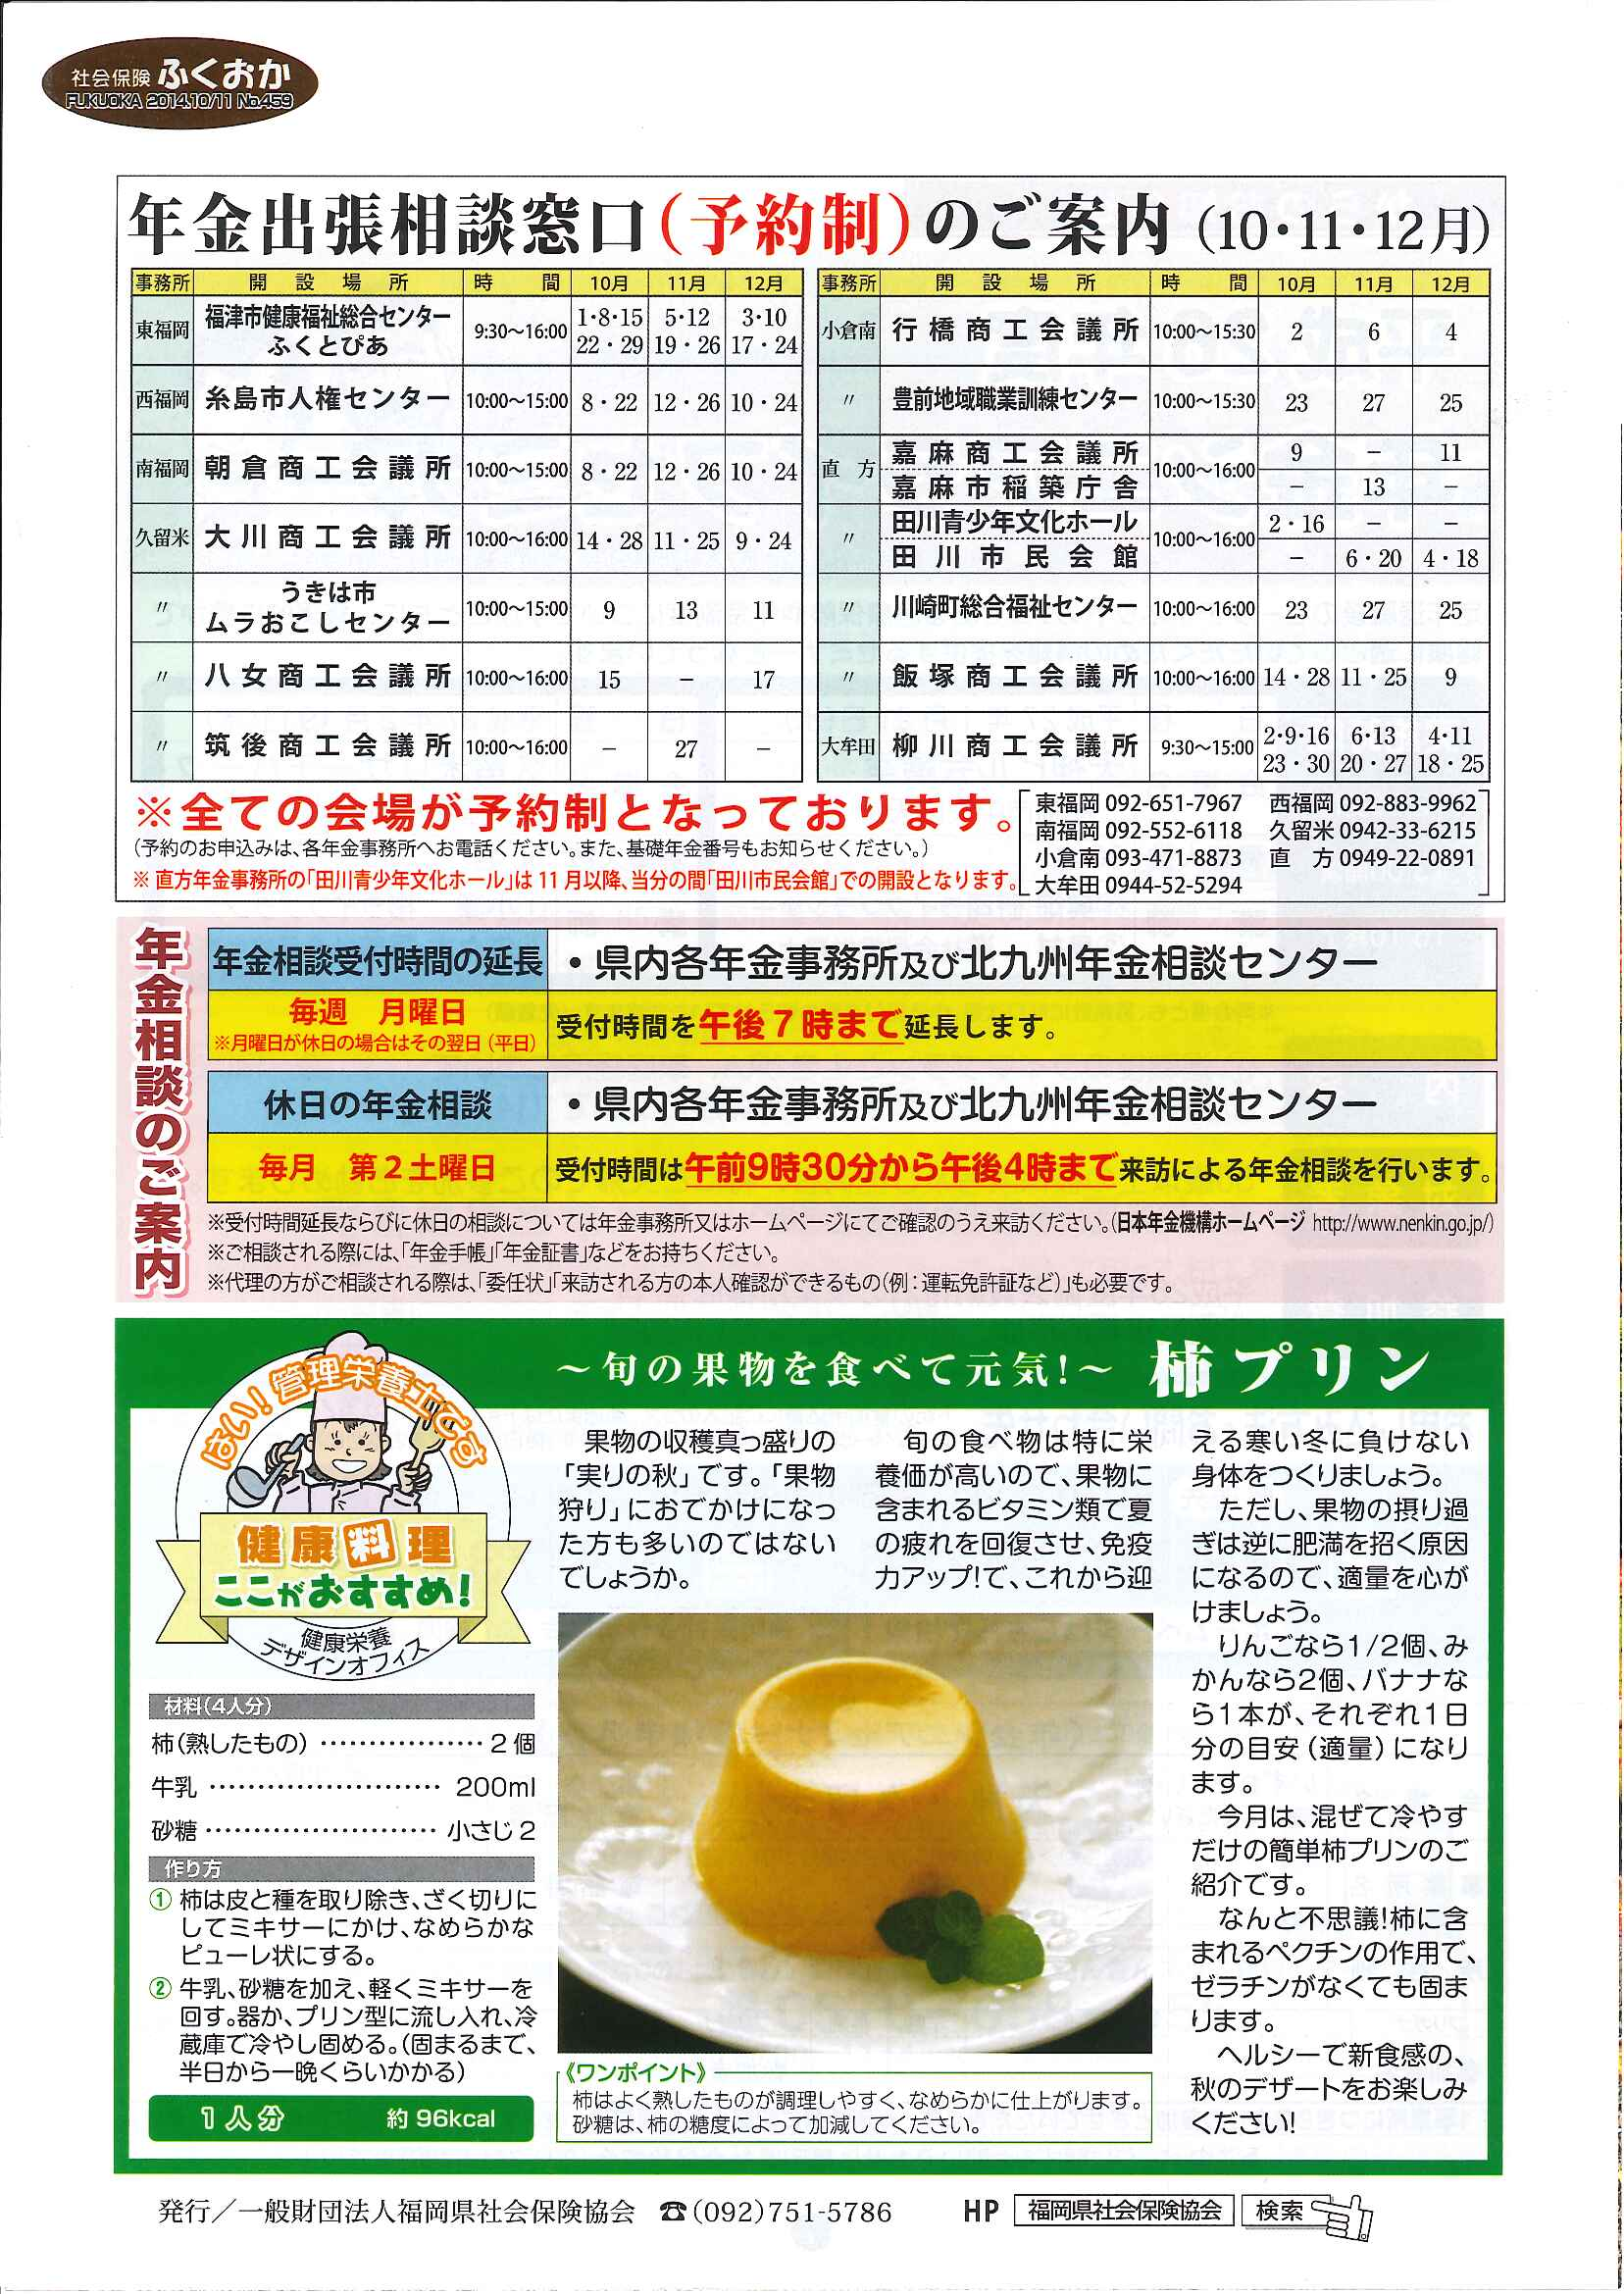 社会保険 「ふくおか」 2014年10・11月号_f0120774_1503178.jpg